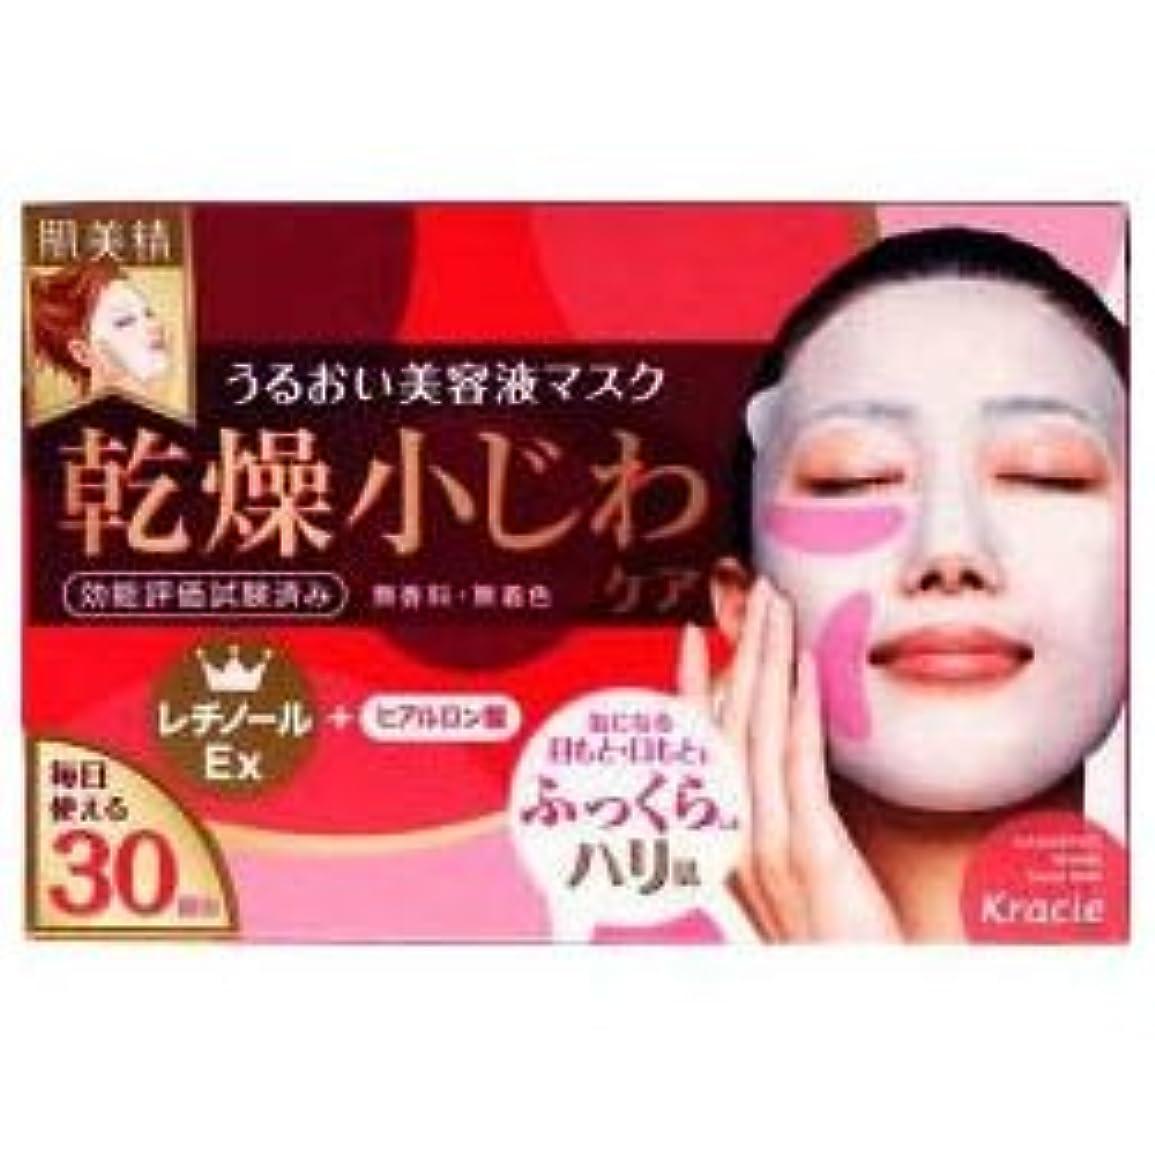 大学院風変わりなセットアップ【クラシエ】肌美精 デイリーリンクルケア美容液マスク 30枚 ×10個セット